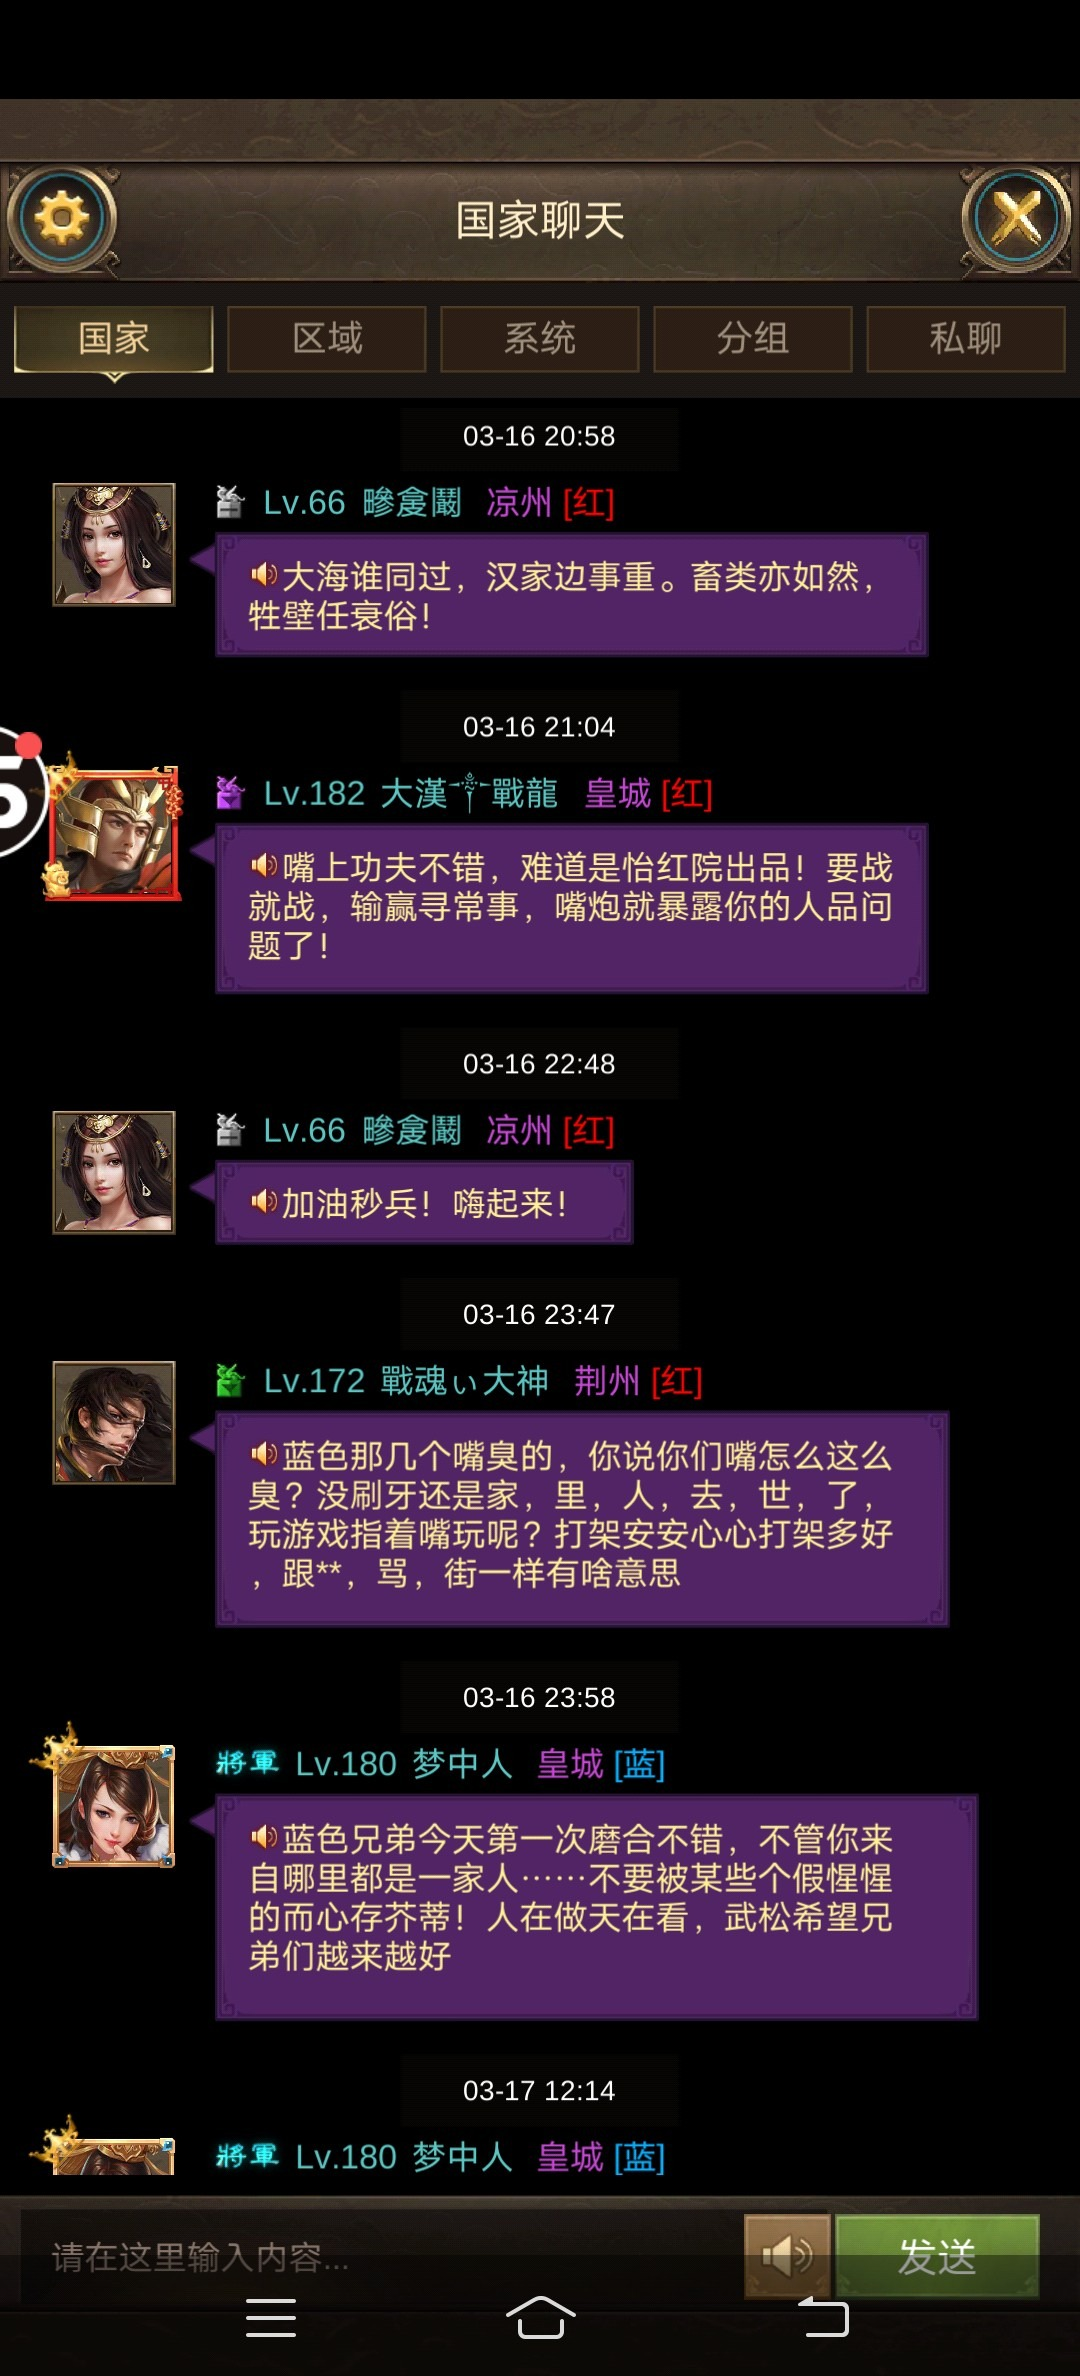 Screenshot_2021_0317_204157.jpg